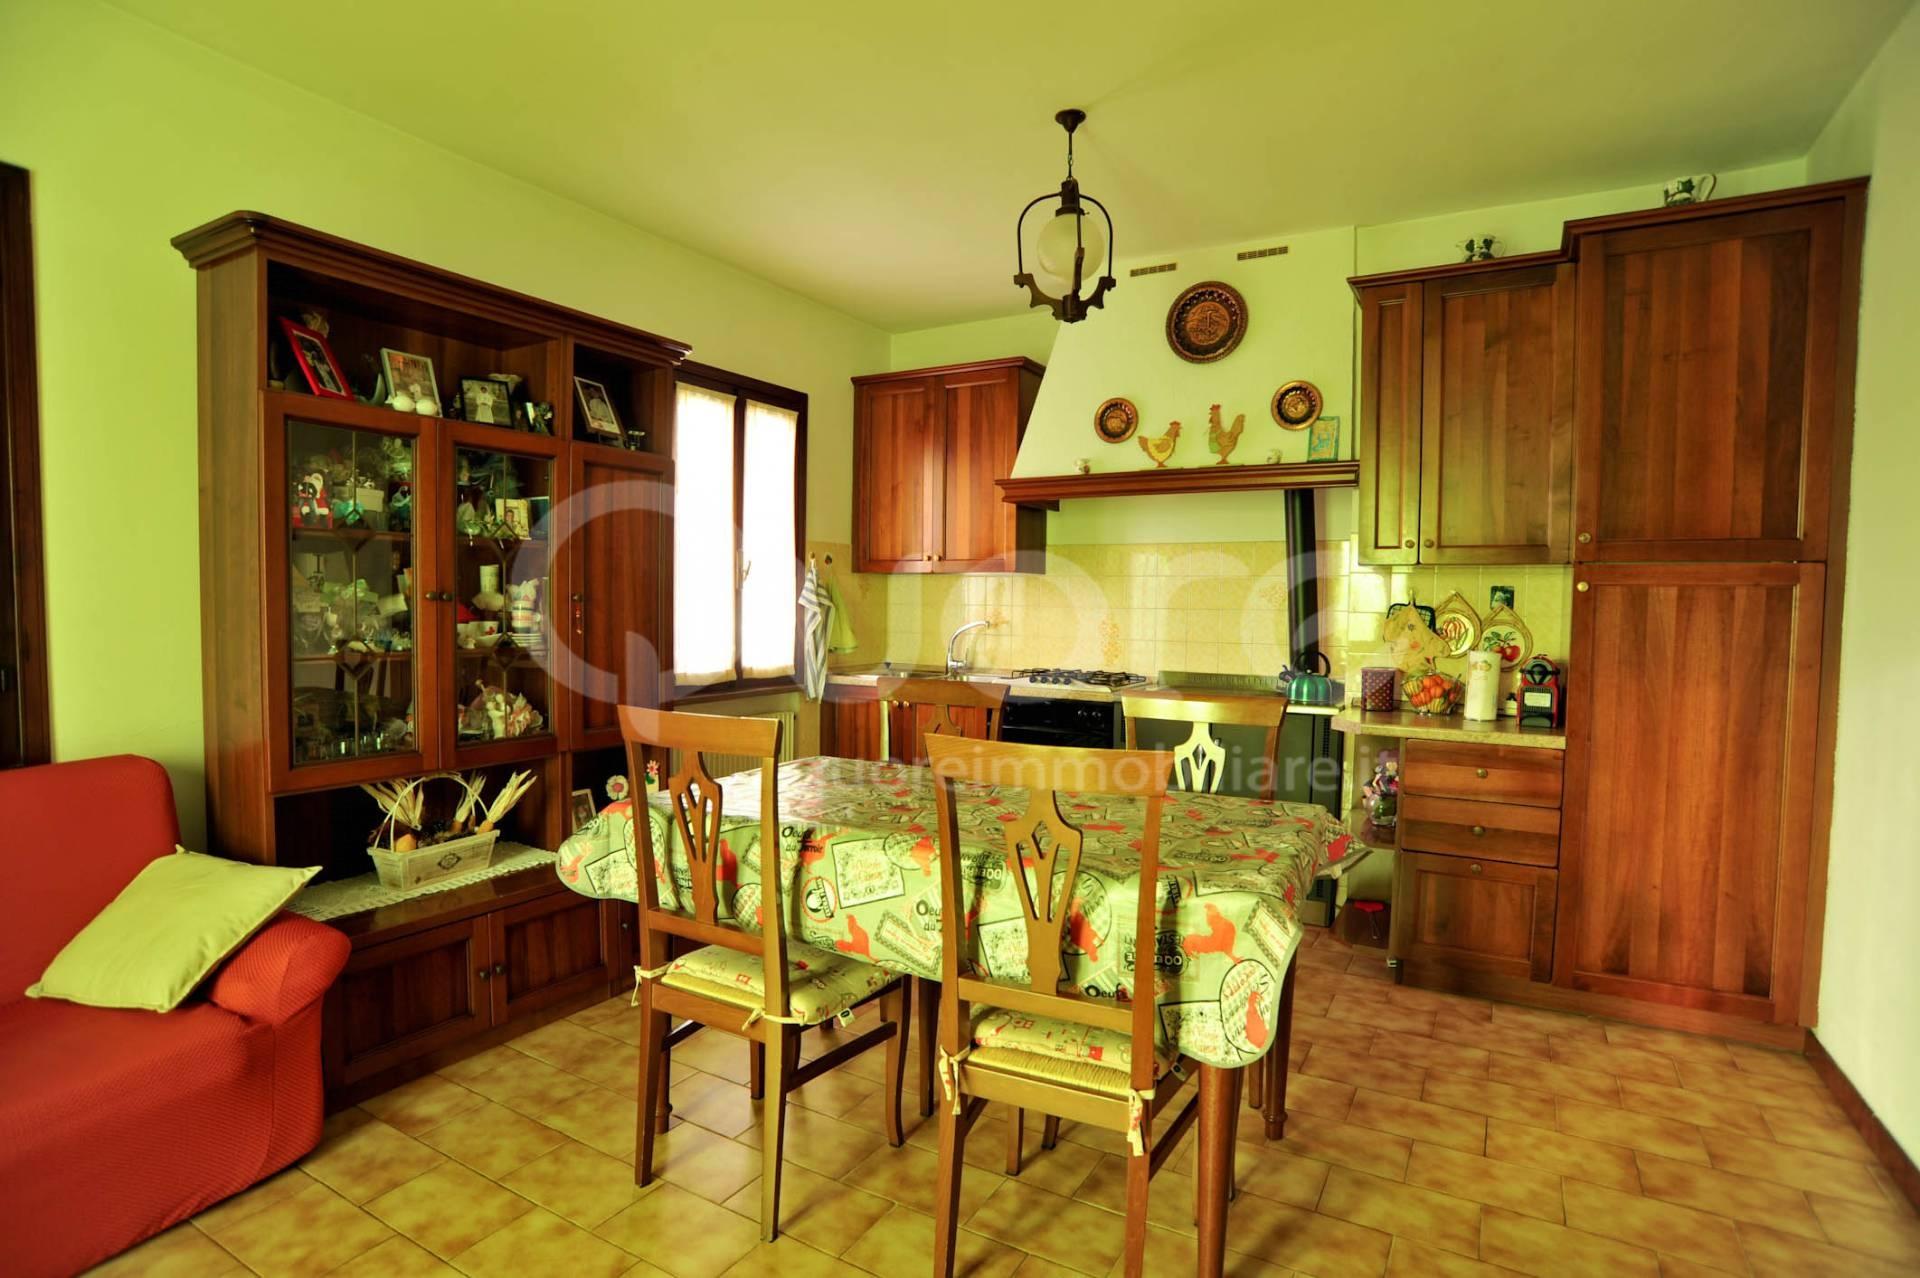 Soluzione Indipendente in vendita a Forgaria nel Friuli, 4 locali, zona Zona: Cornino, prezzo € 98.000 | CambioCasa.it